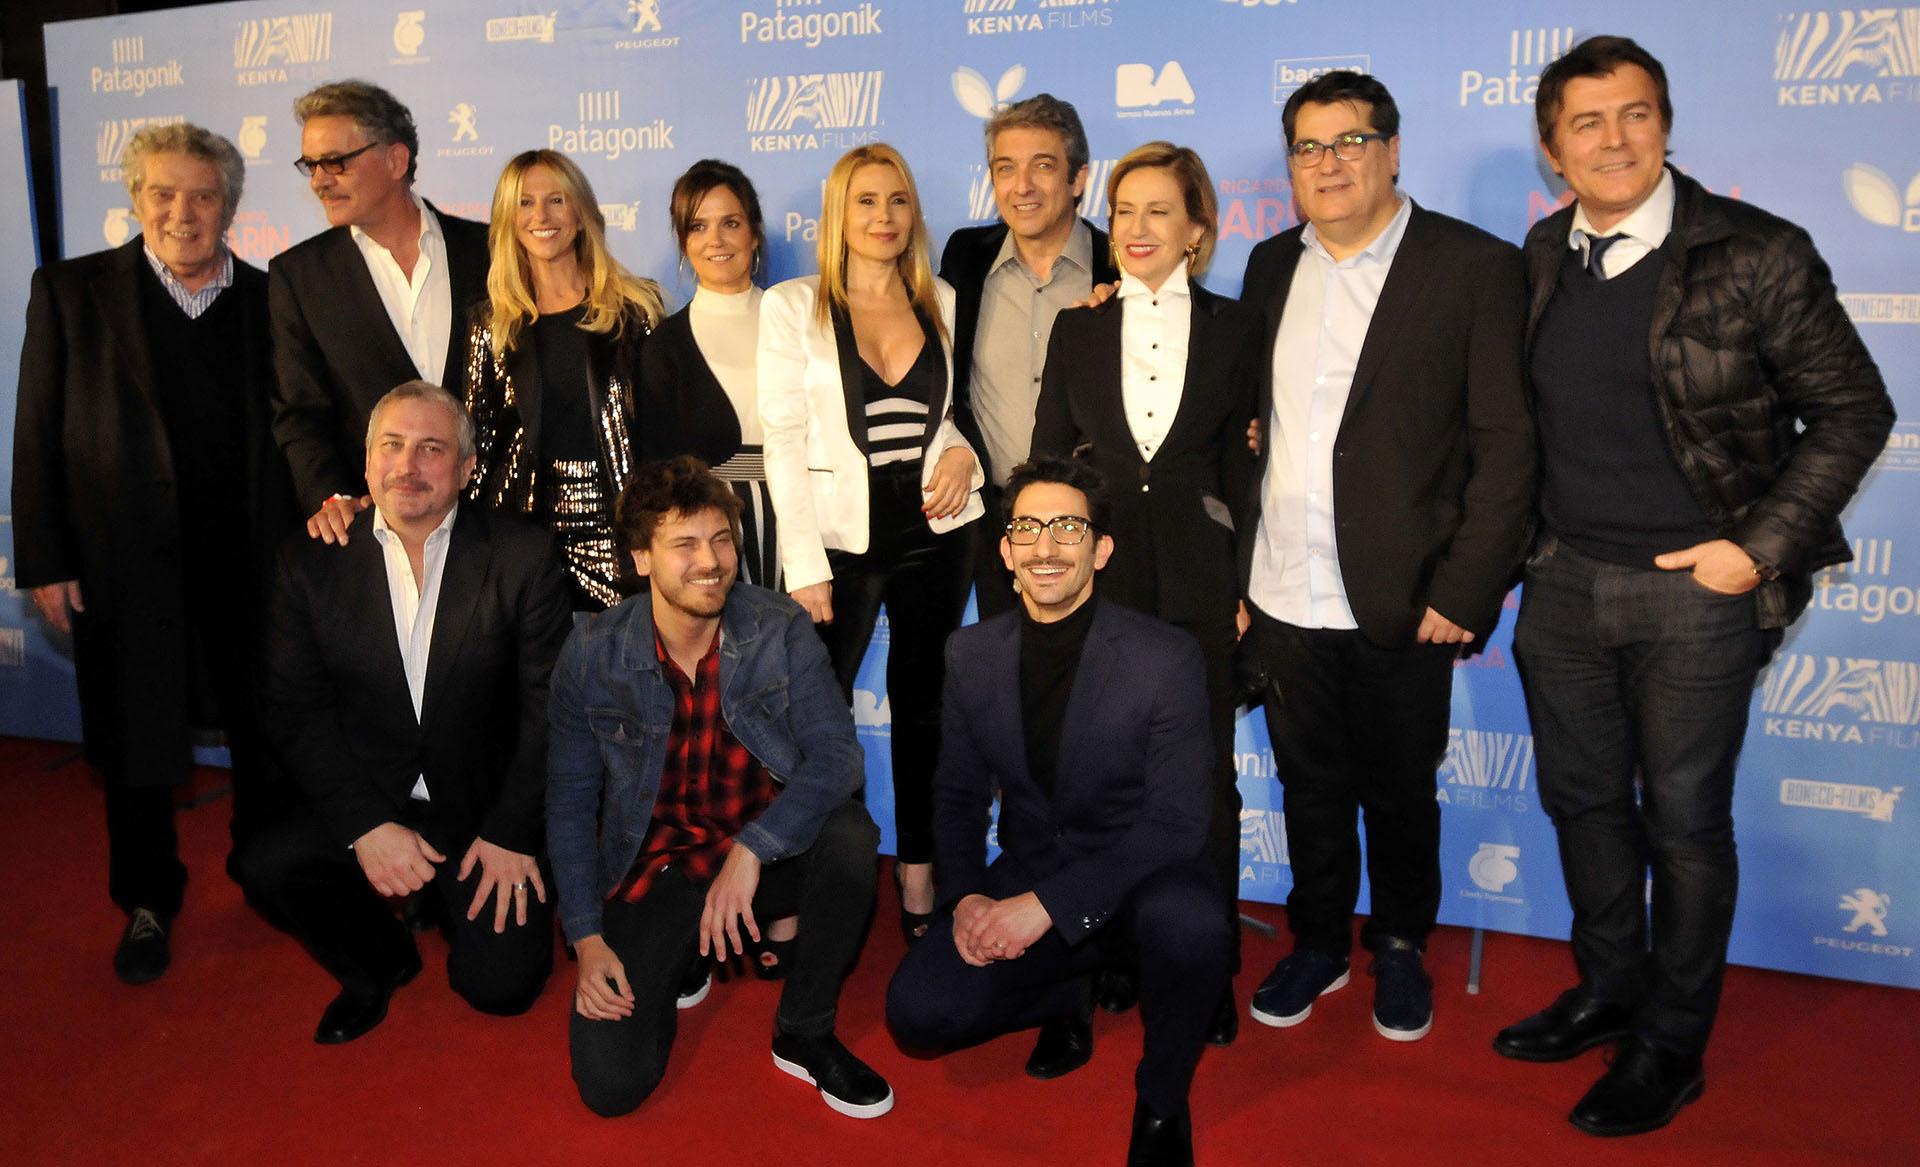 El elenco de la película que narra la historia de una pareja que se separa luego de 25 años